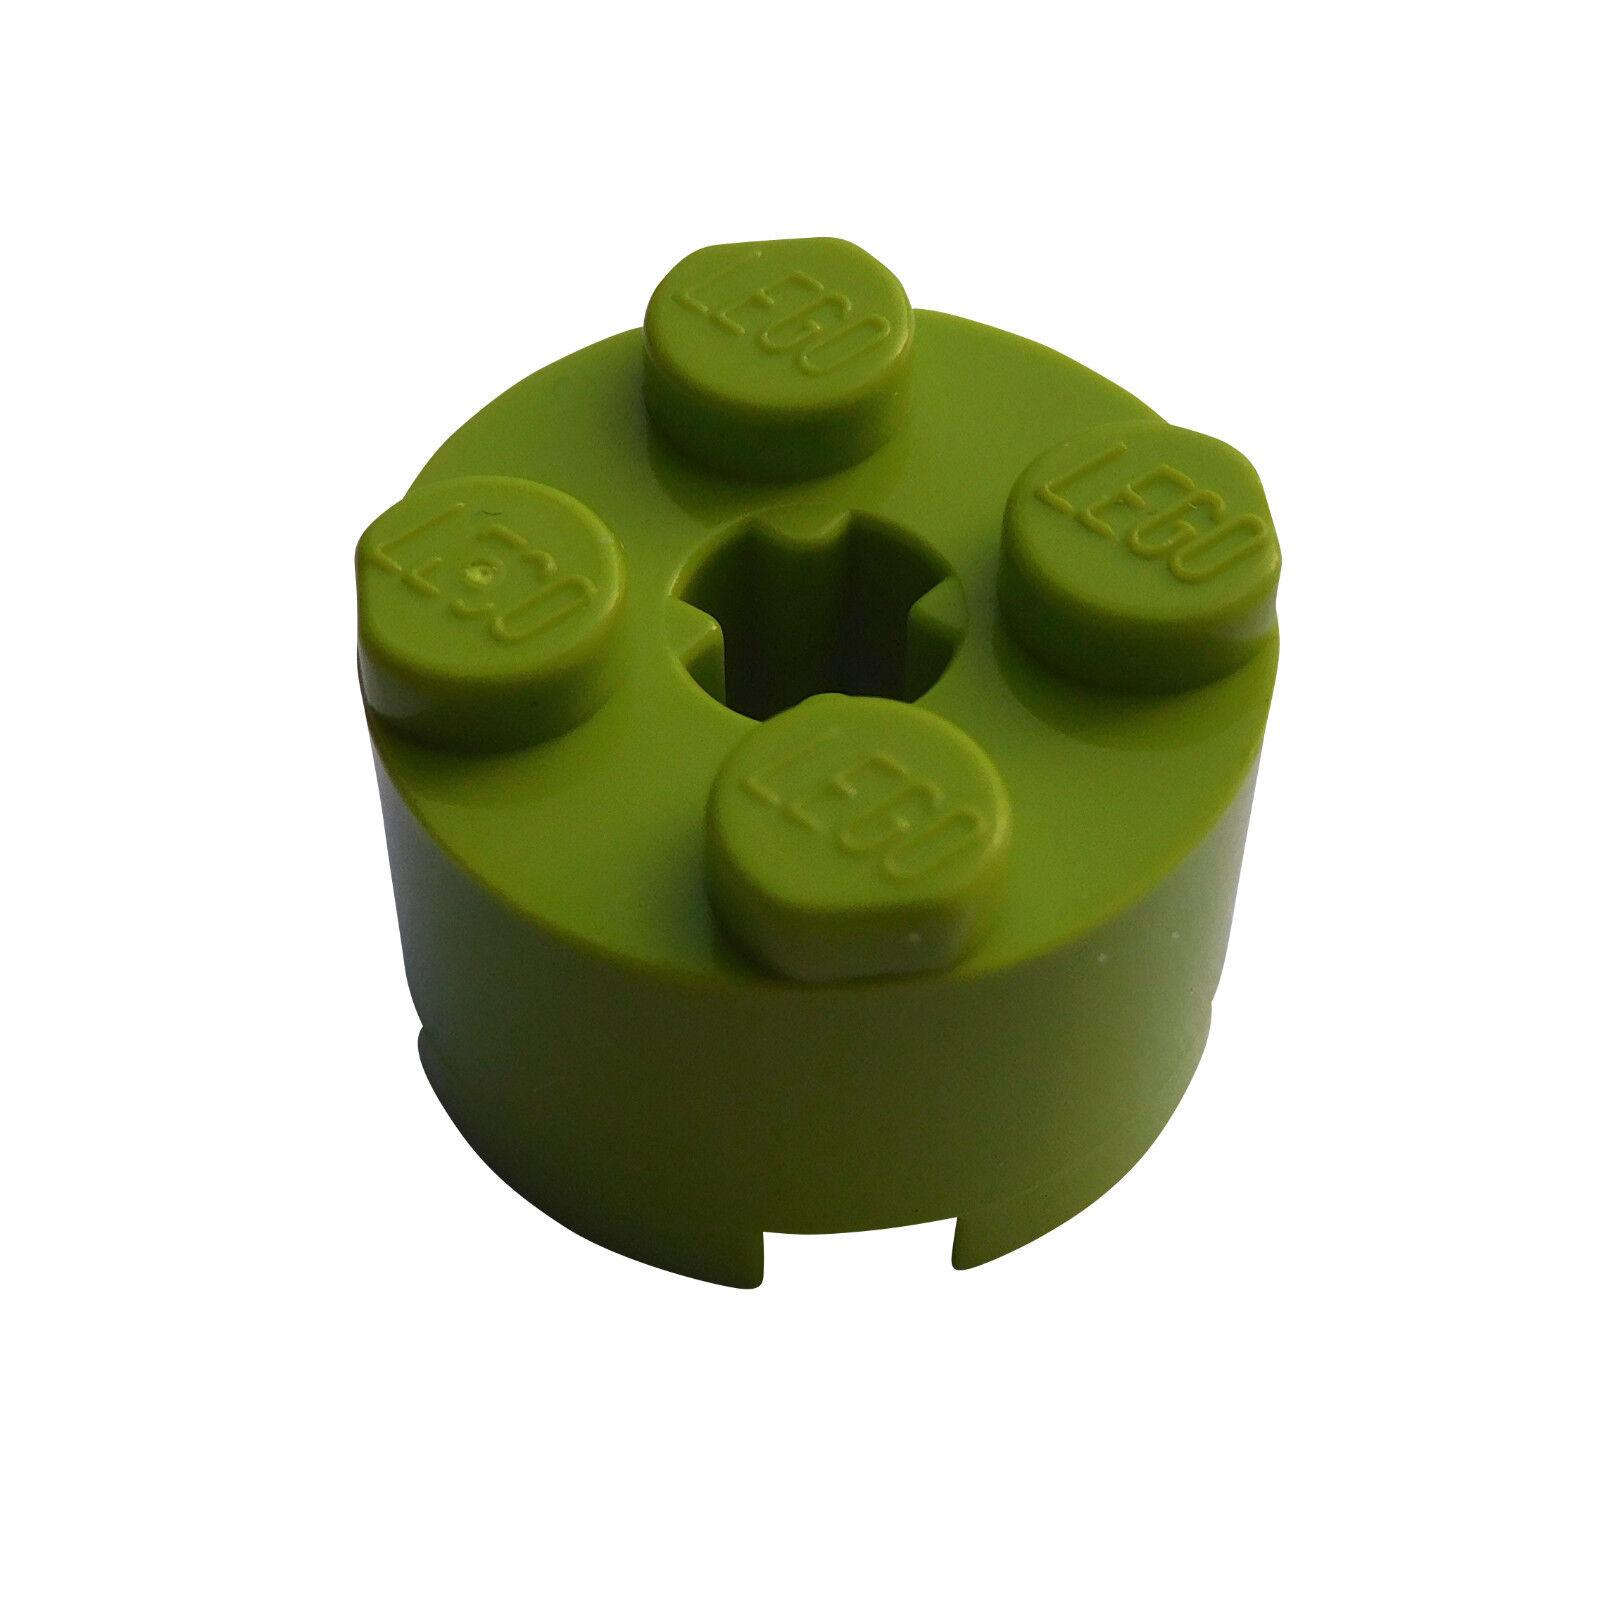 Lego 4x Steine Rund 2x2 Transparent blue 3941